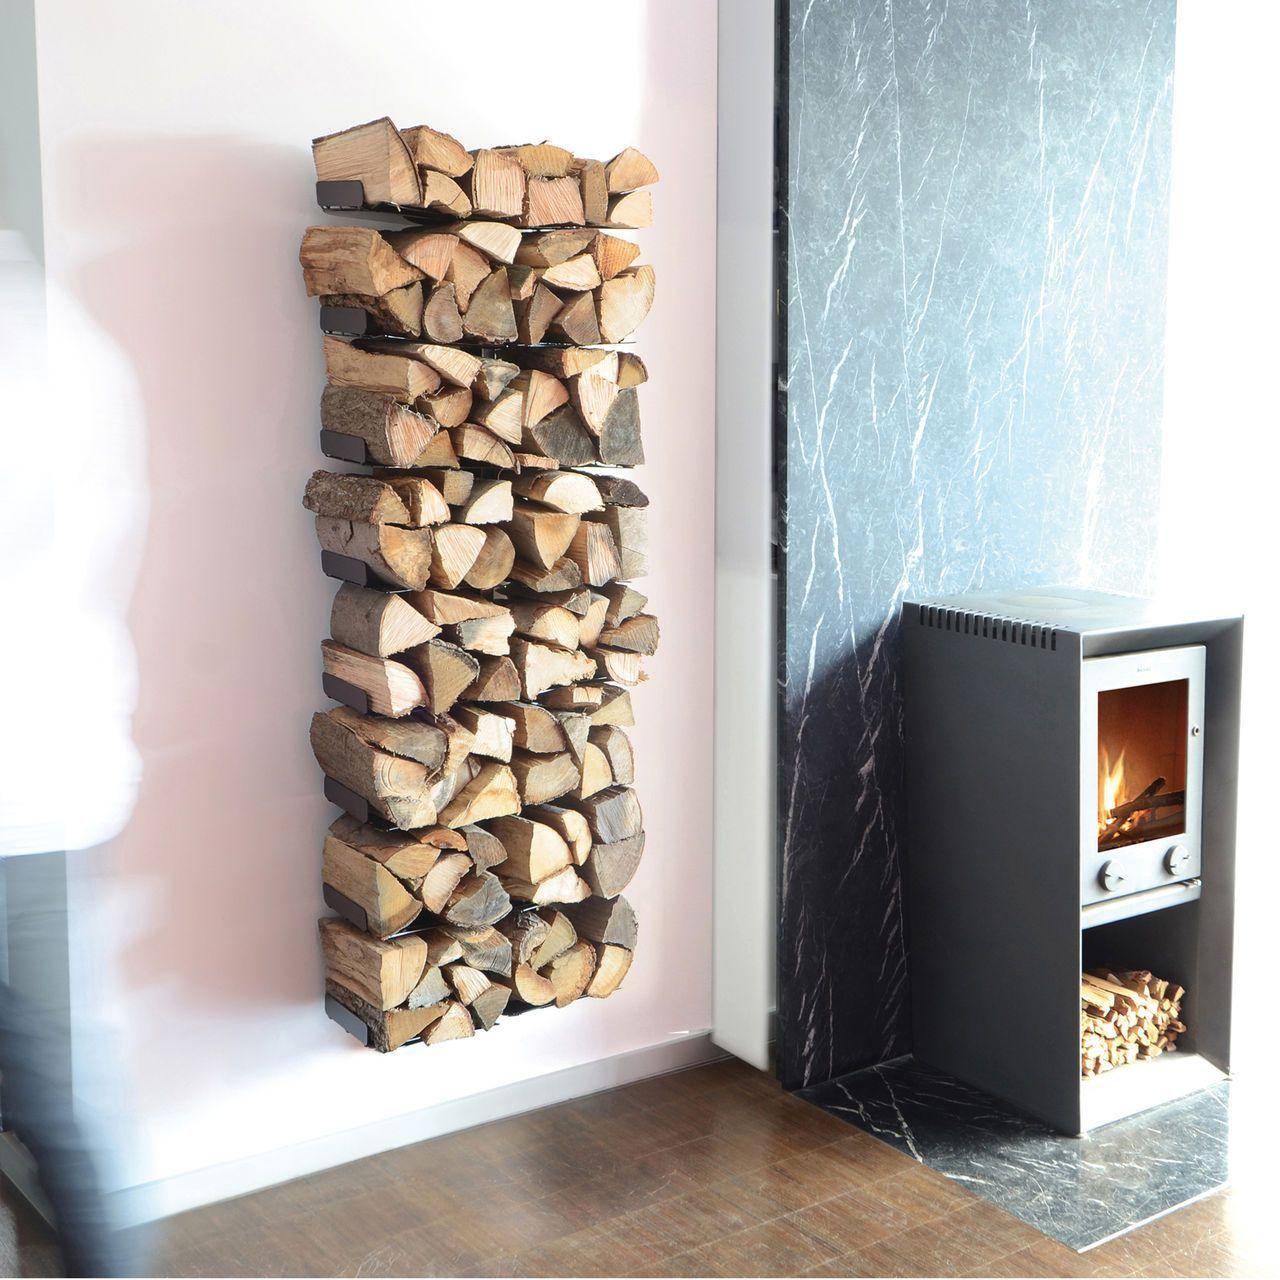 7 Billig Bild Von Regal Brennholz Wohnzimmer  Brennholz